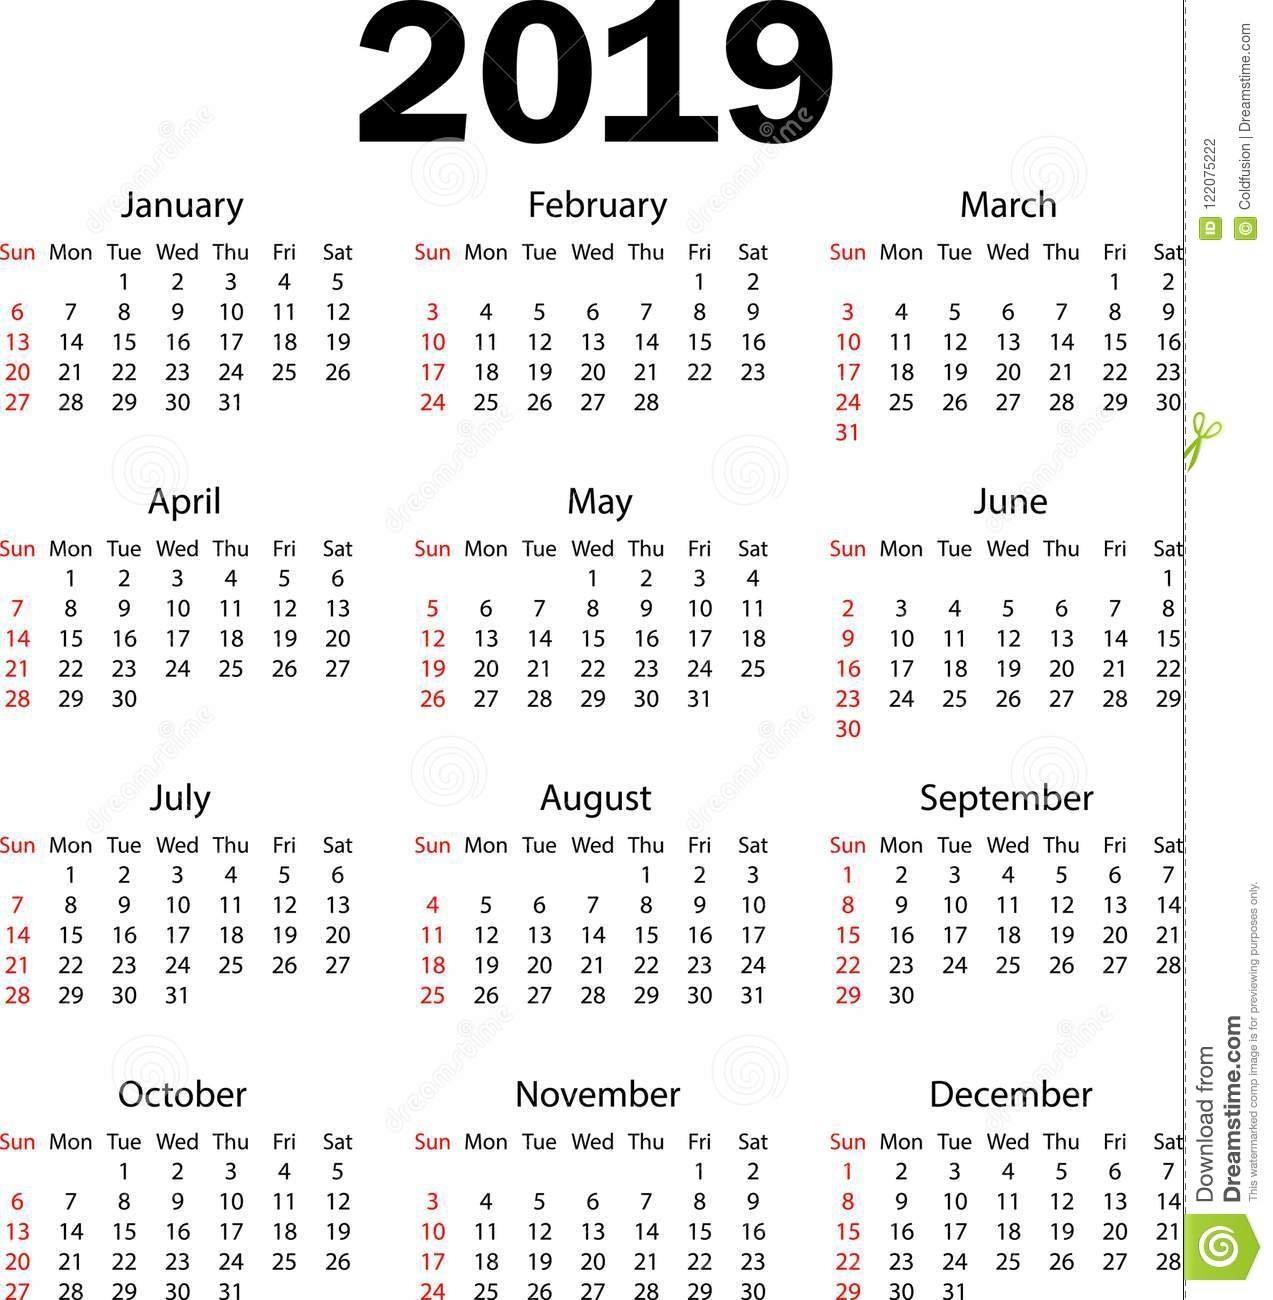 Calendar 2019.vector Illustration Stock Vector – Illustration Of Calendar 2019 In Weeks